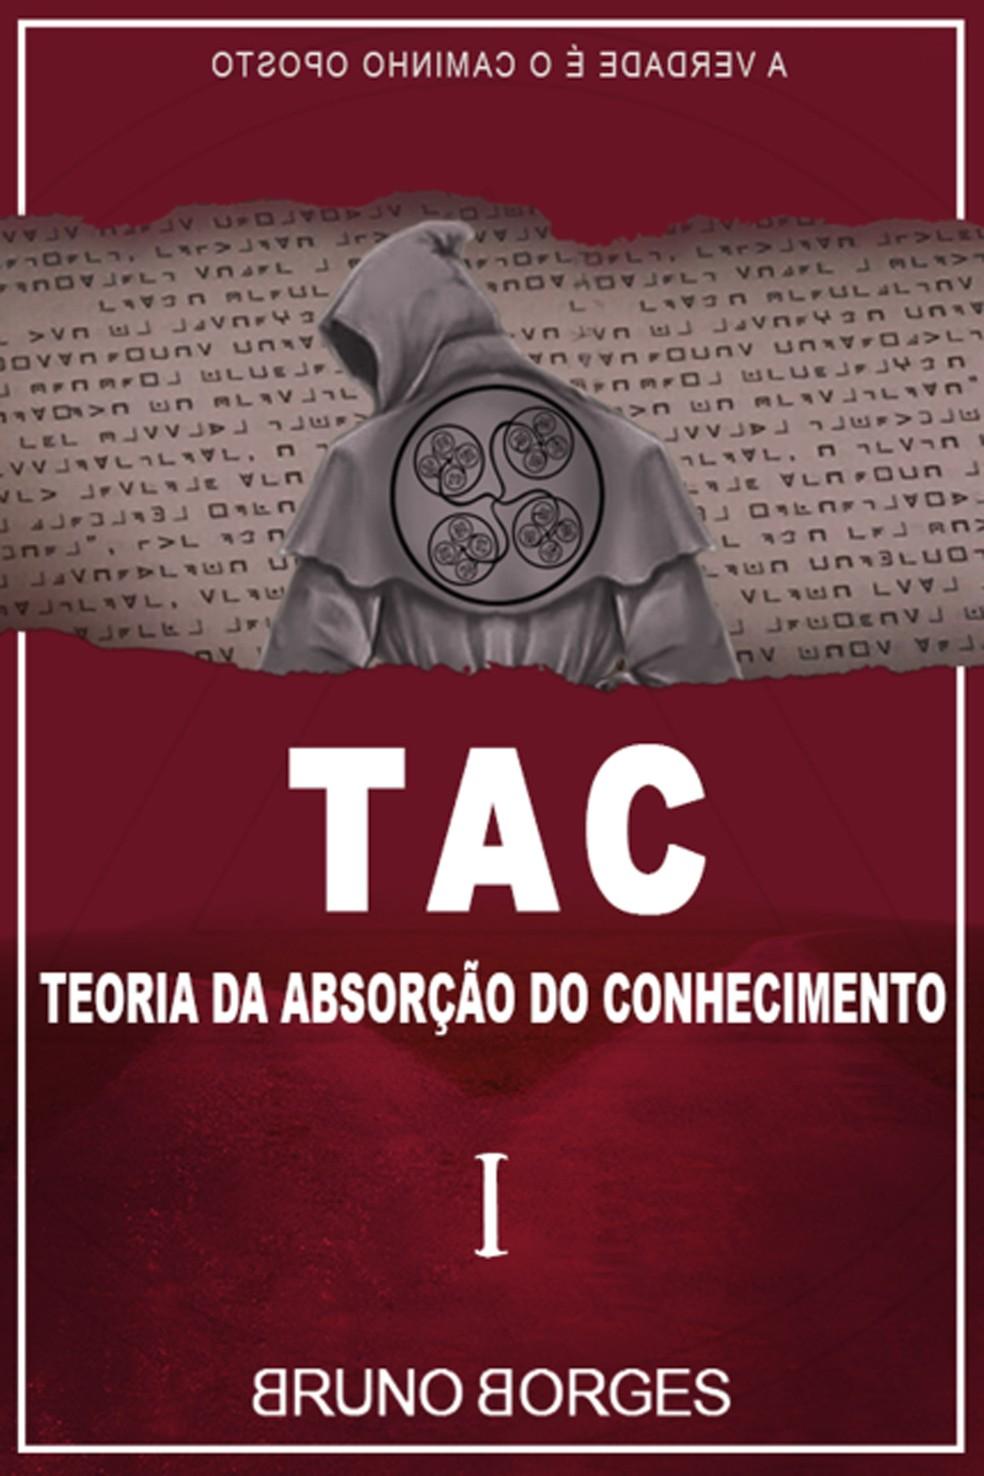 Capa do livro 'TAC: Teoria da Absorção do Conhecimento', de Bruno Borges, o 'menino do Acre' (Foto: Divulgação)